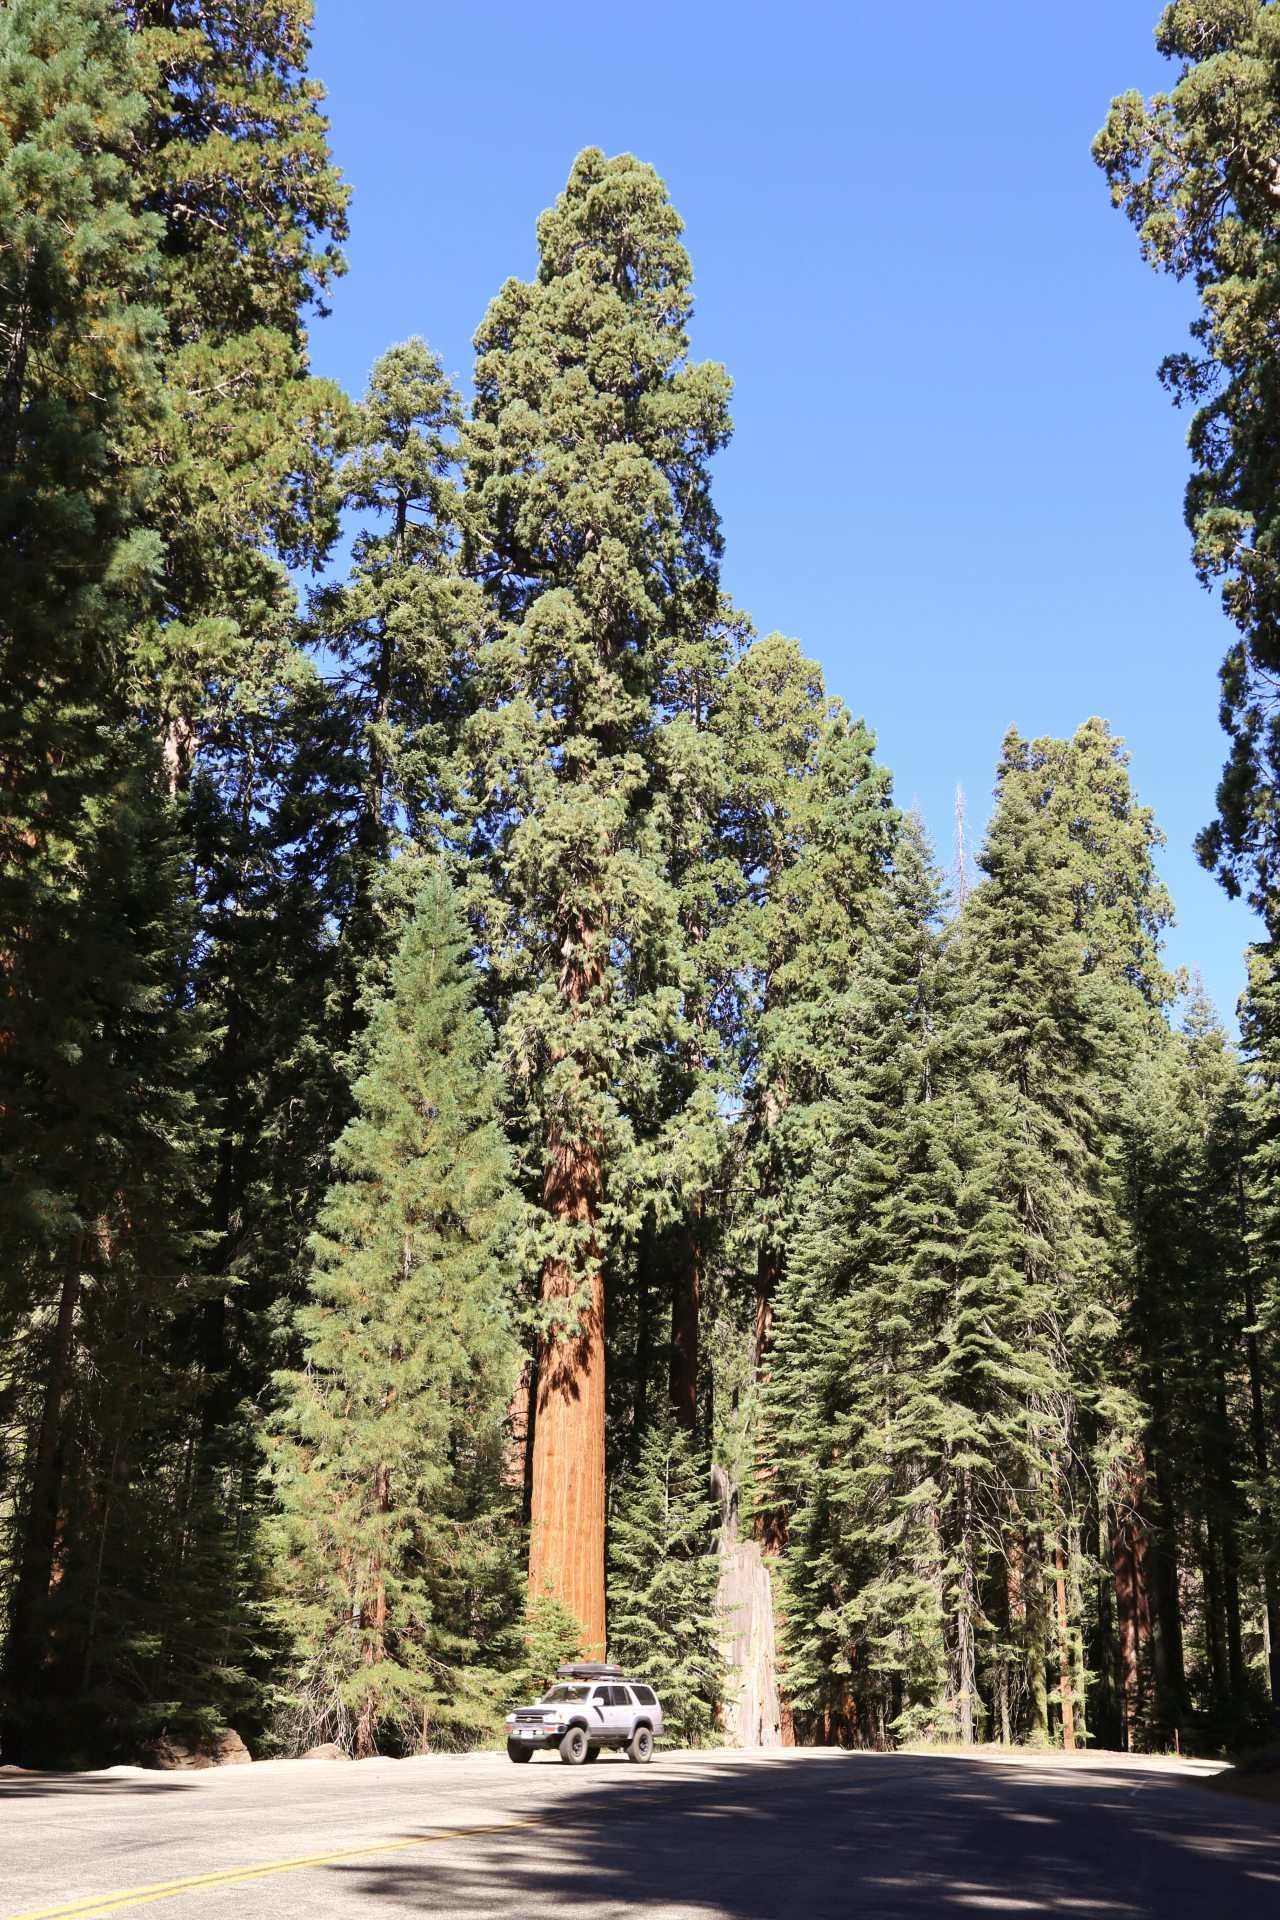 Hilfe, das Auto ist geschrumpft! - Auto, Bäume, Fahrzeug, Himmel, Kalifornien, KFZ, Mammutbäume, Riesenmammutbaum, riesig, Sequoia, Sequoia National Park, Strasse - (Stony Creek Village, Three Rivers, California, Vereinigte Staaten)